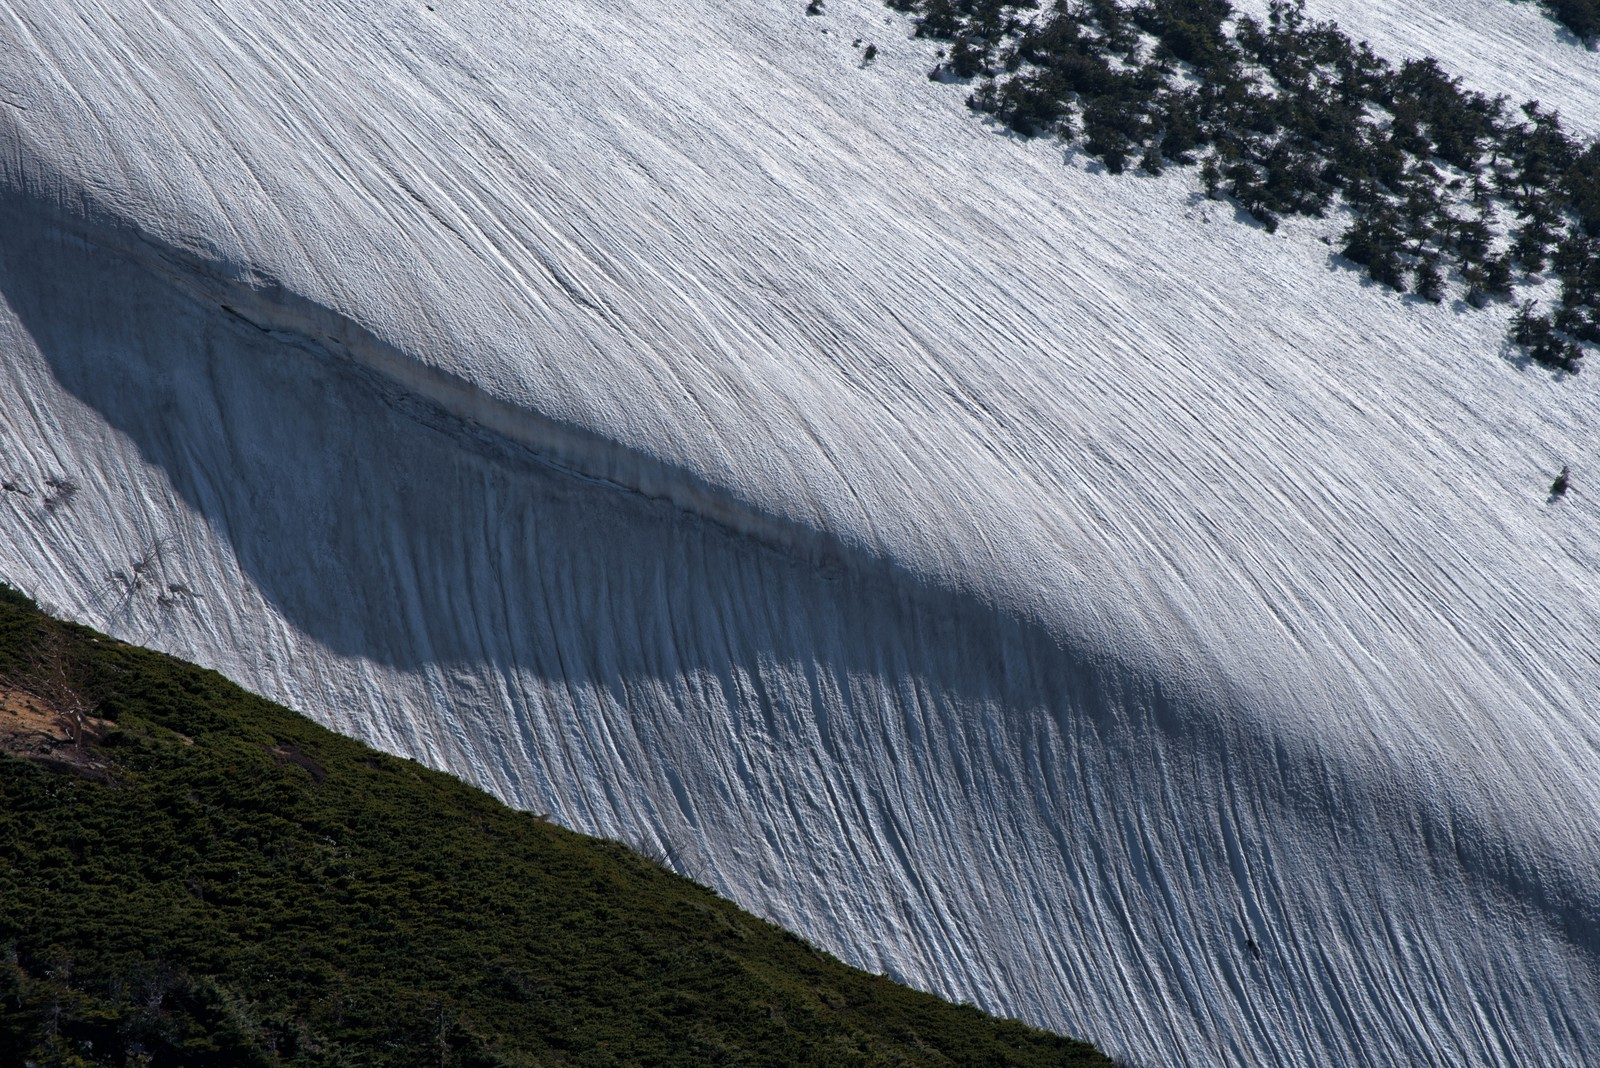 「雪渓に刻まれる模様 | 写真の無料素材・フリー素材 - ぱくたそ」の写真